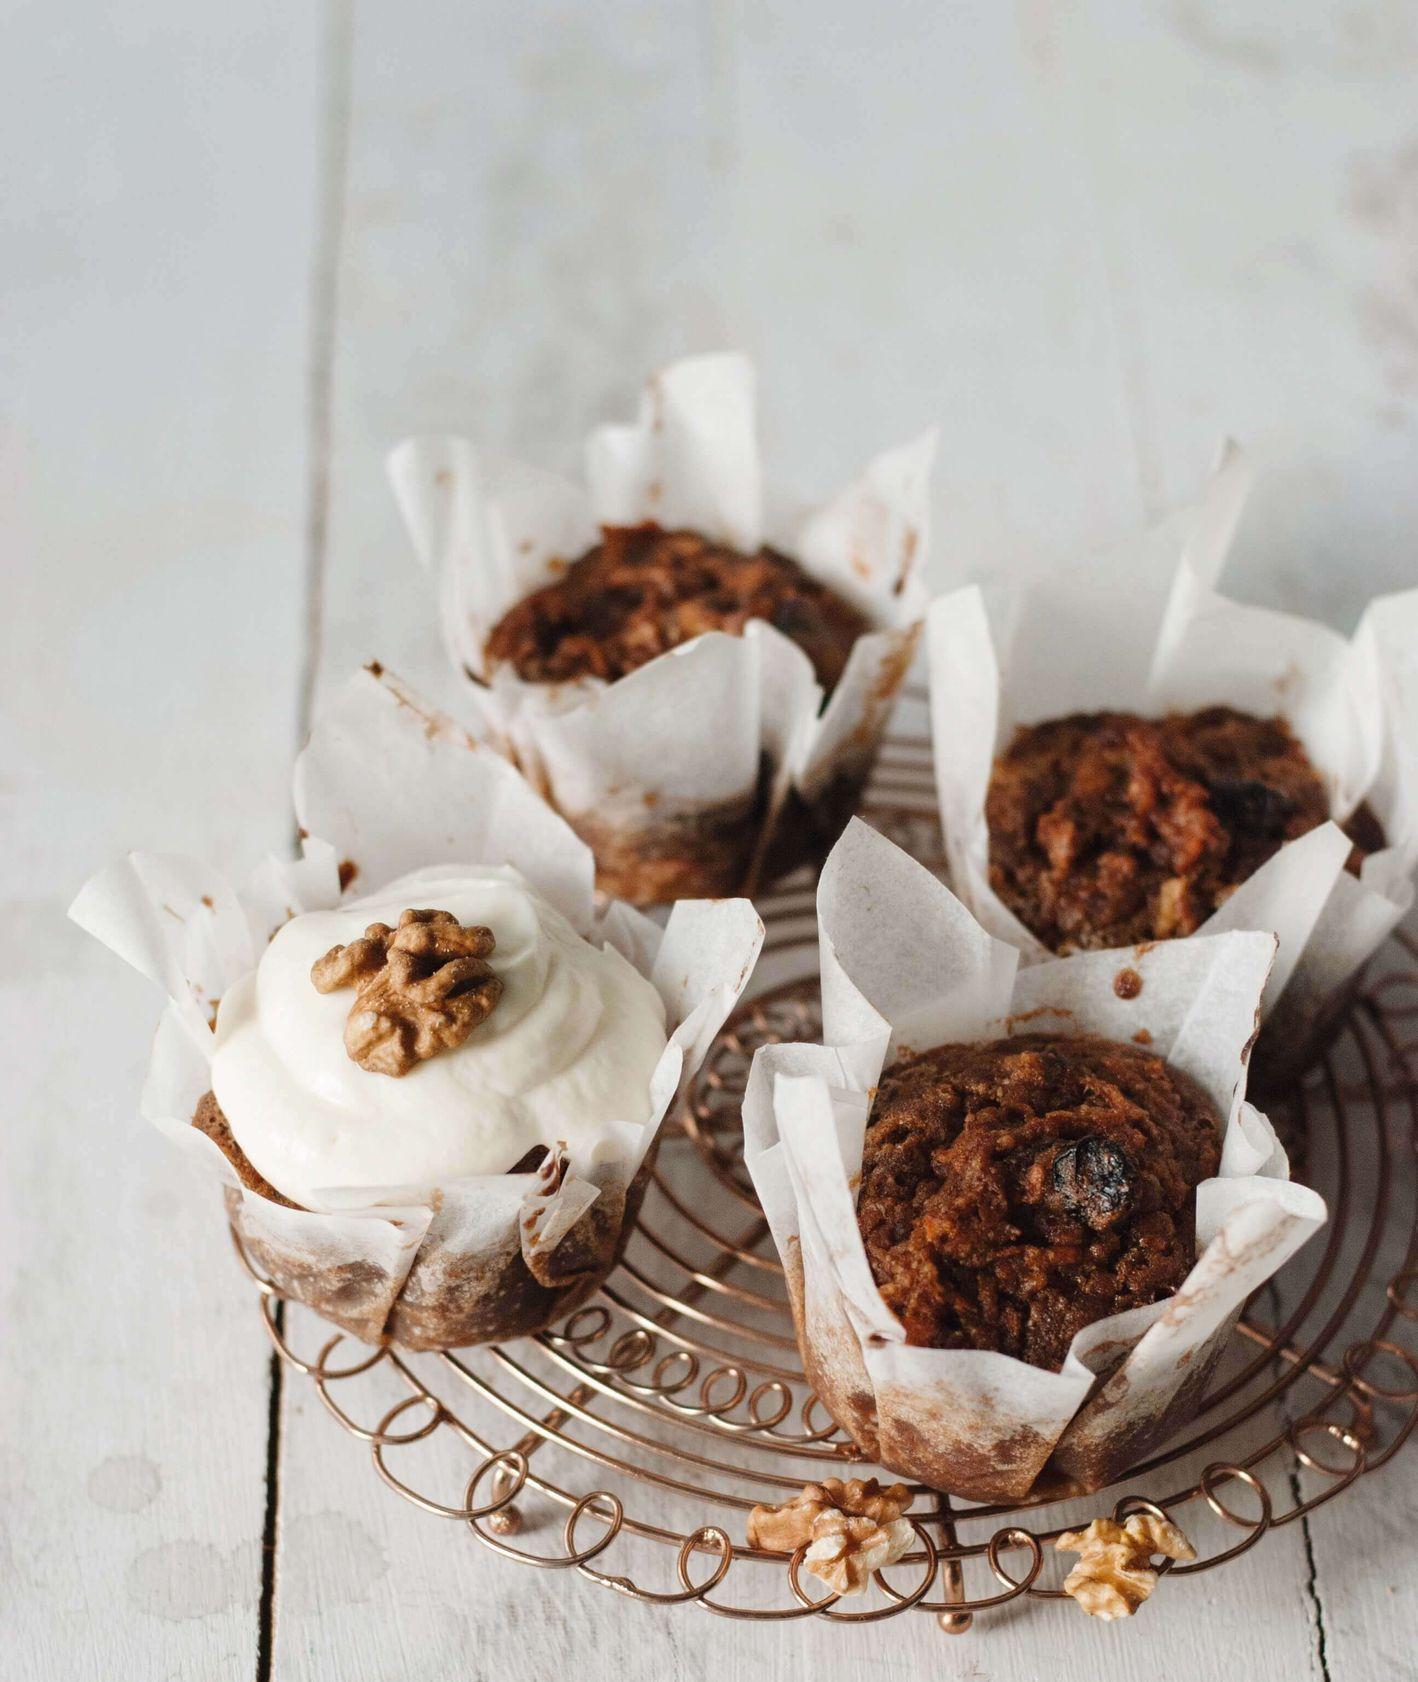 bezglutenowe muffinki marchewkowe, bezglutenowe muffinki, muffinki marchewkowe, ciasto marchewkowe, krem twarożkowy, muffinki z kremem, deser dla dzieci, proste muffinki, ciasto bez pszenicy